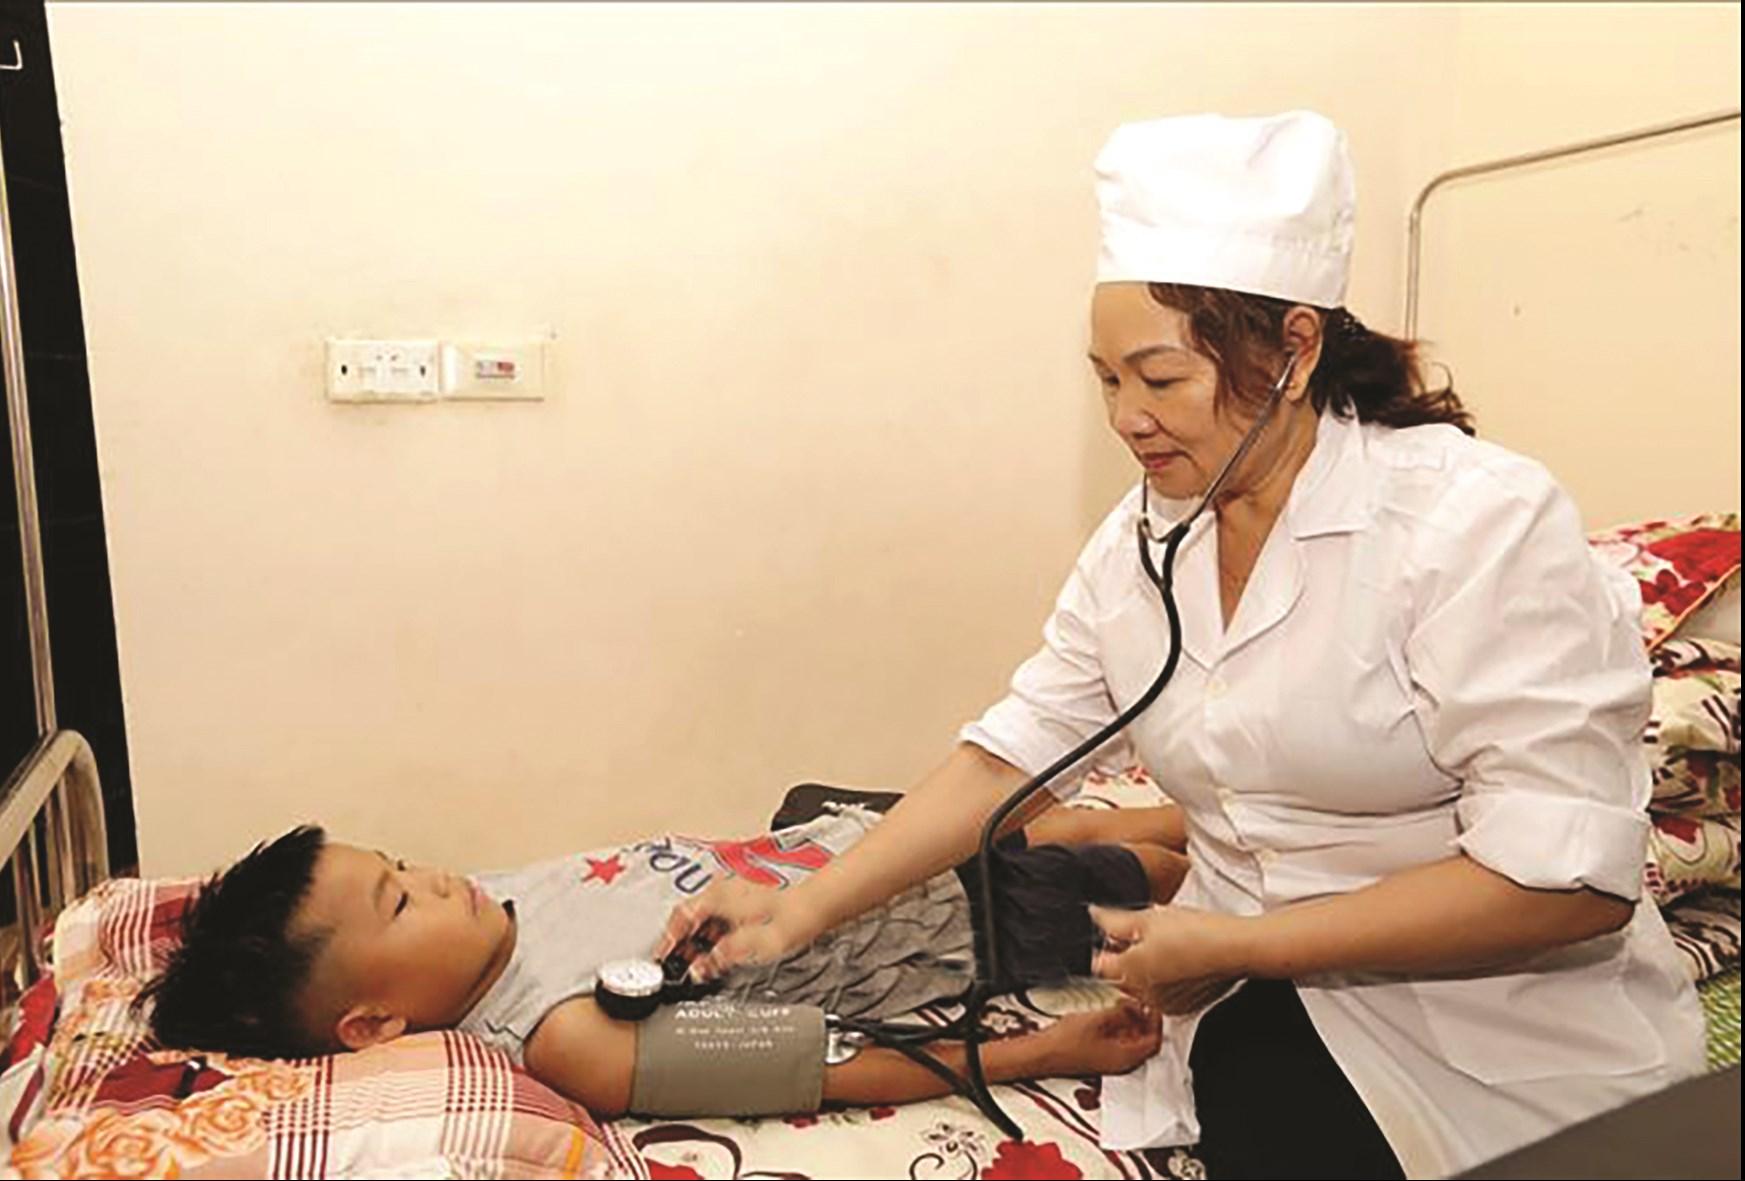 Bác sĩ của Trung tâm luôn sát sao, tận tâm chăm sóc cho các con mỗi khi đau ốm